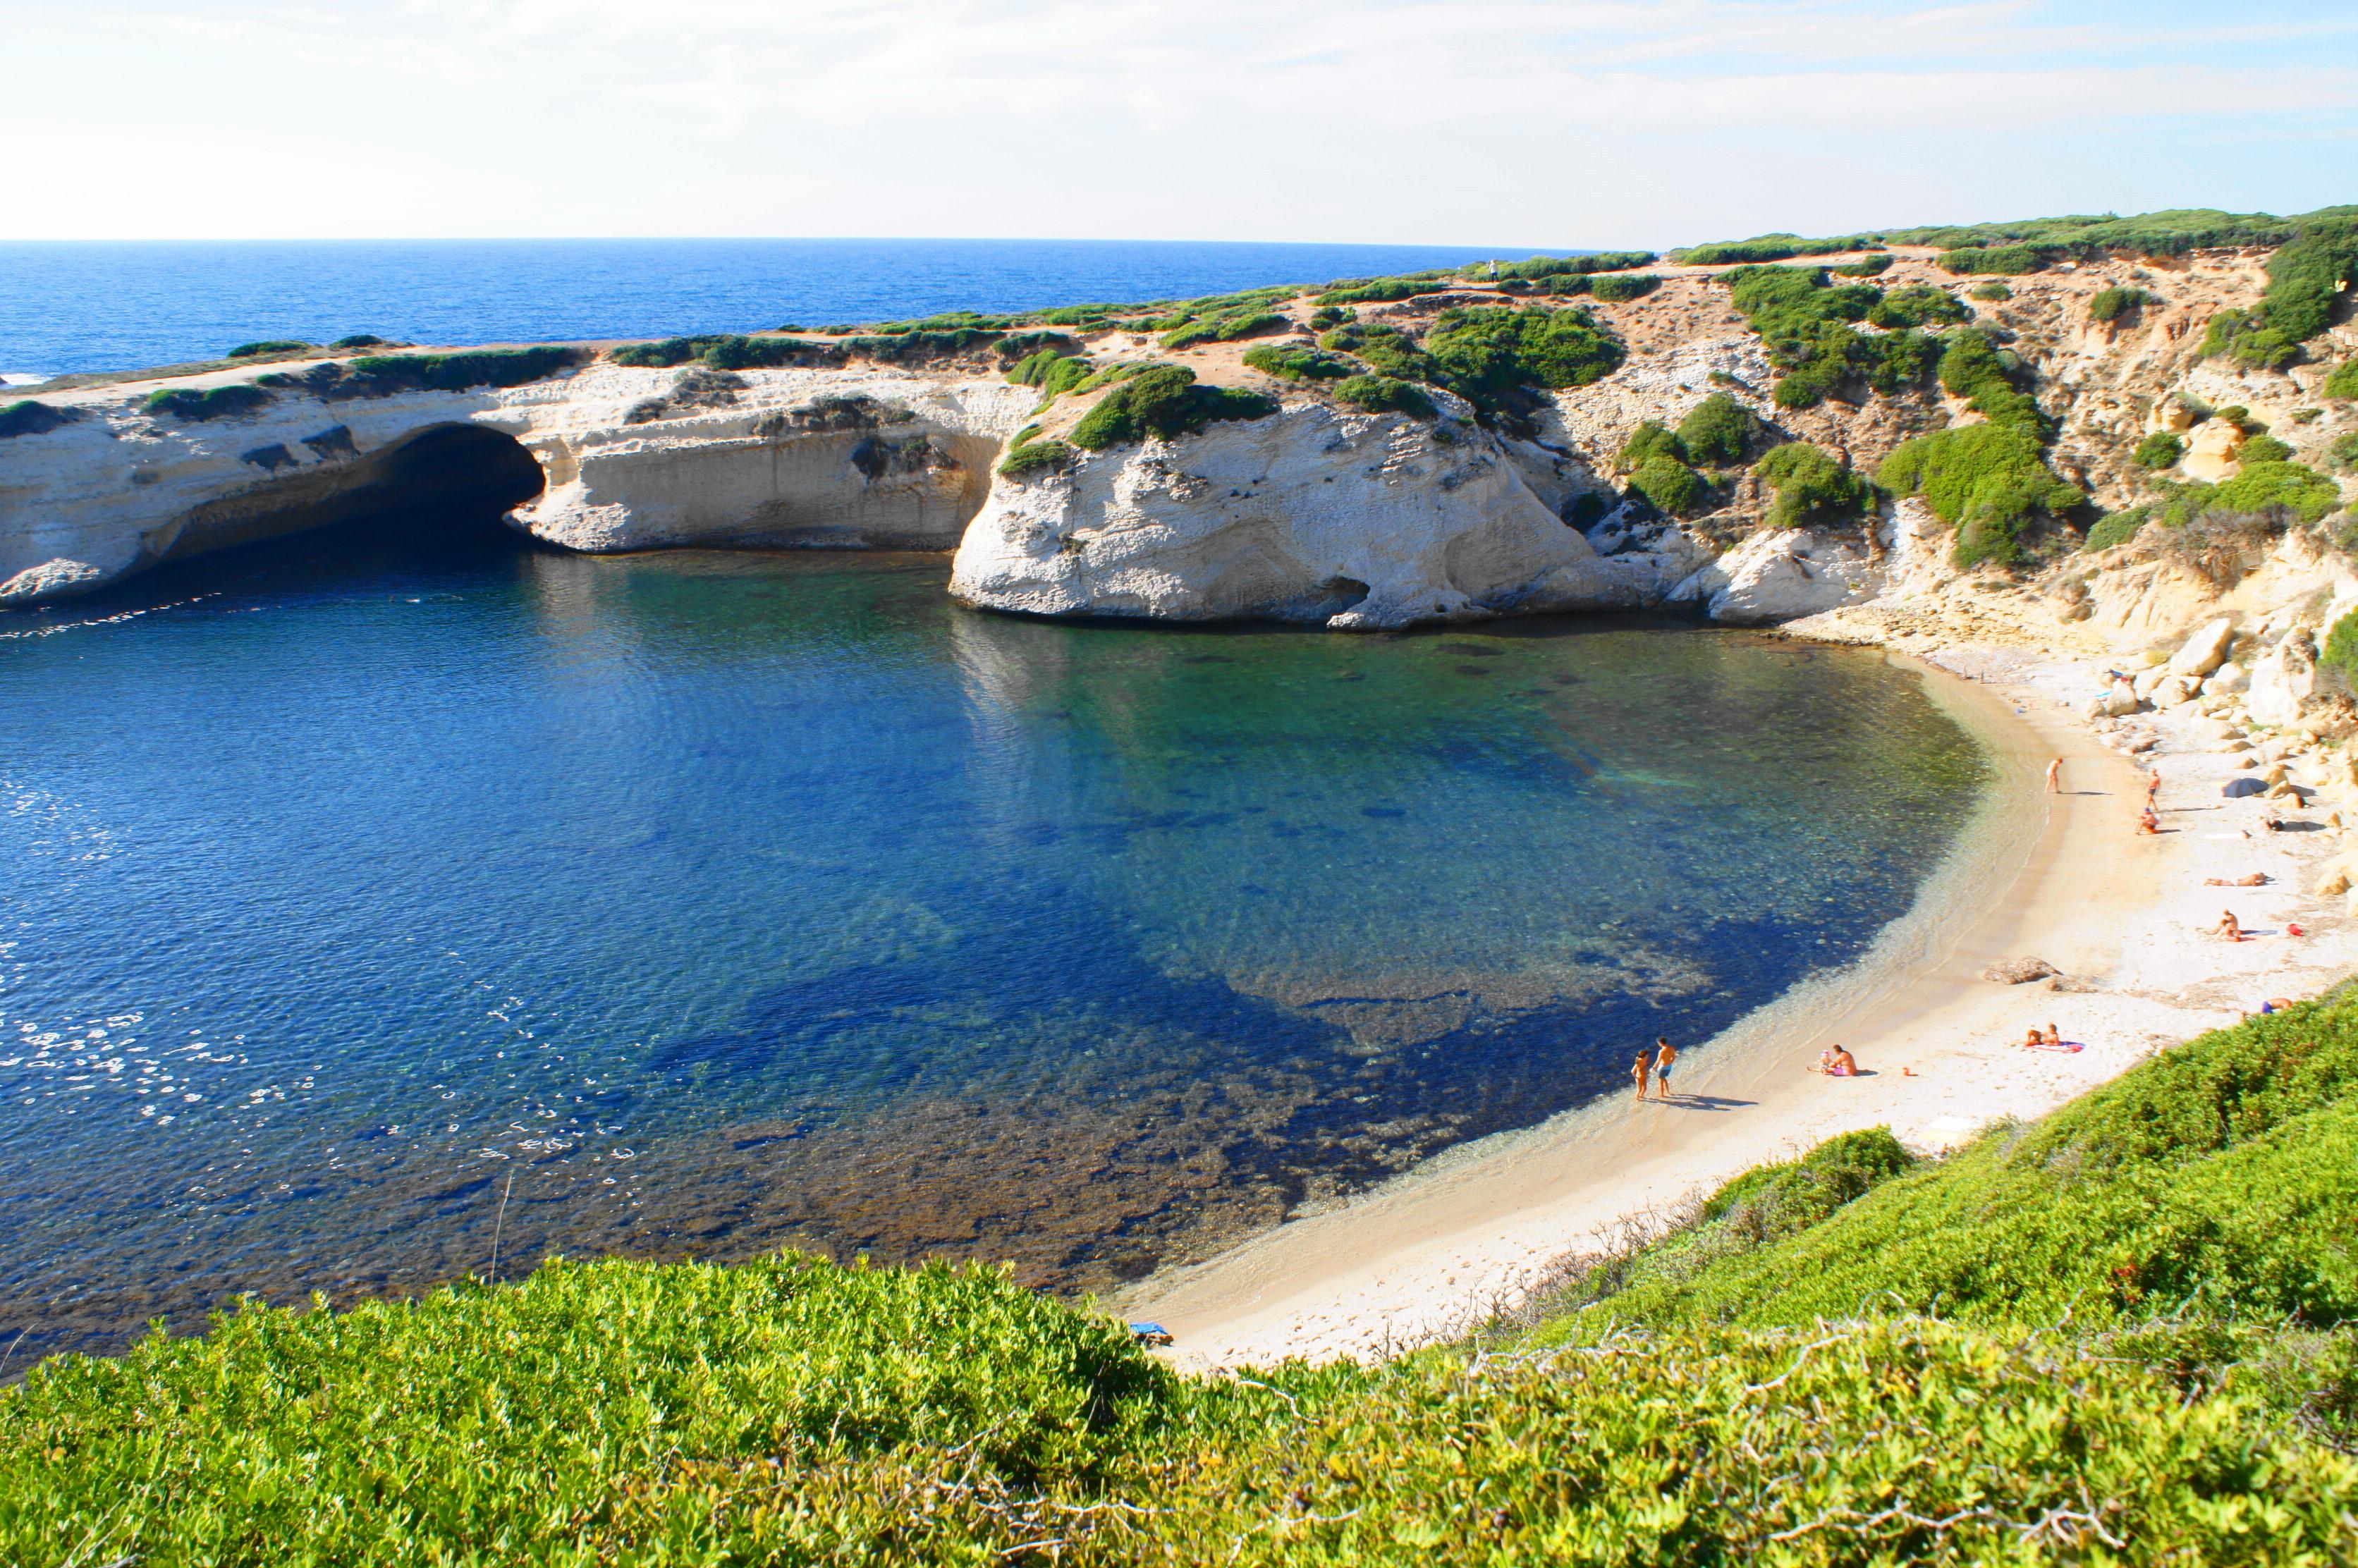 Familienurlaub im Agriturismo: Reisetipp Sardinien | Ganz ...